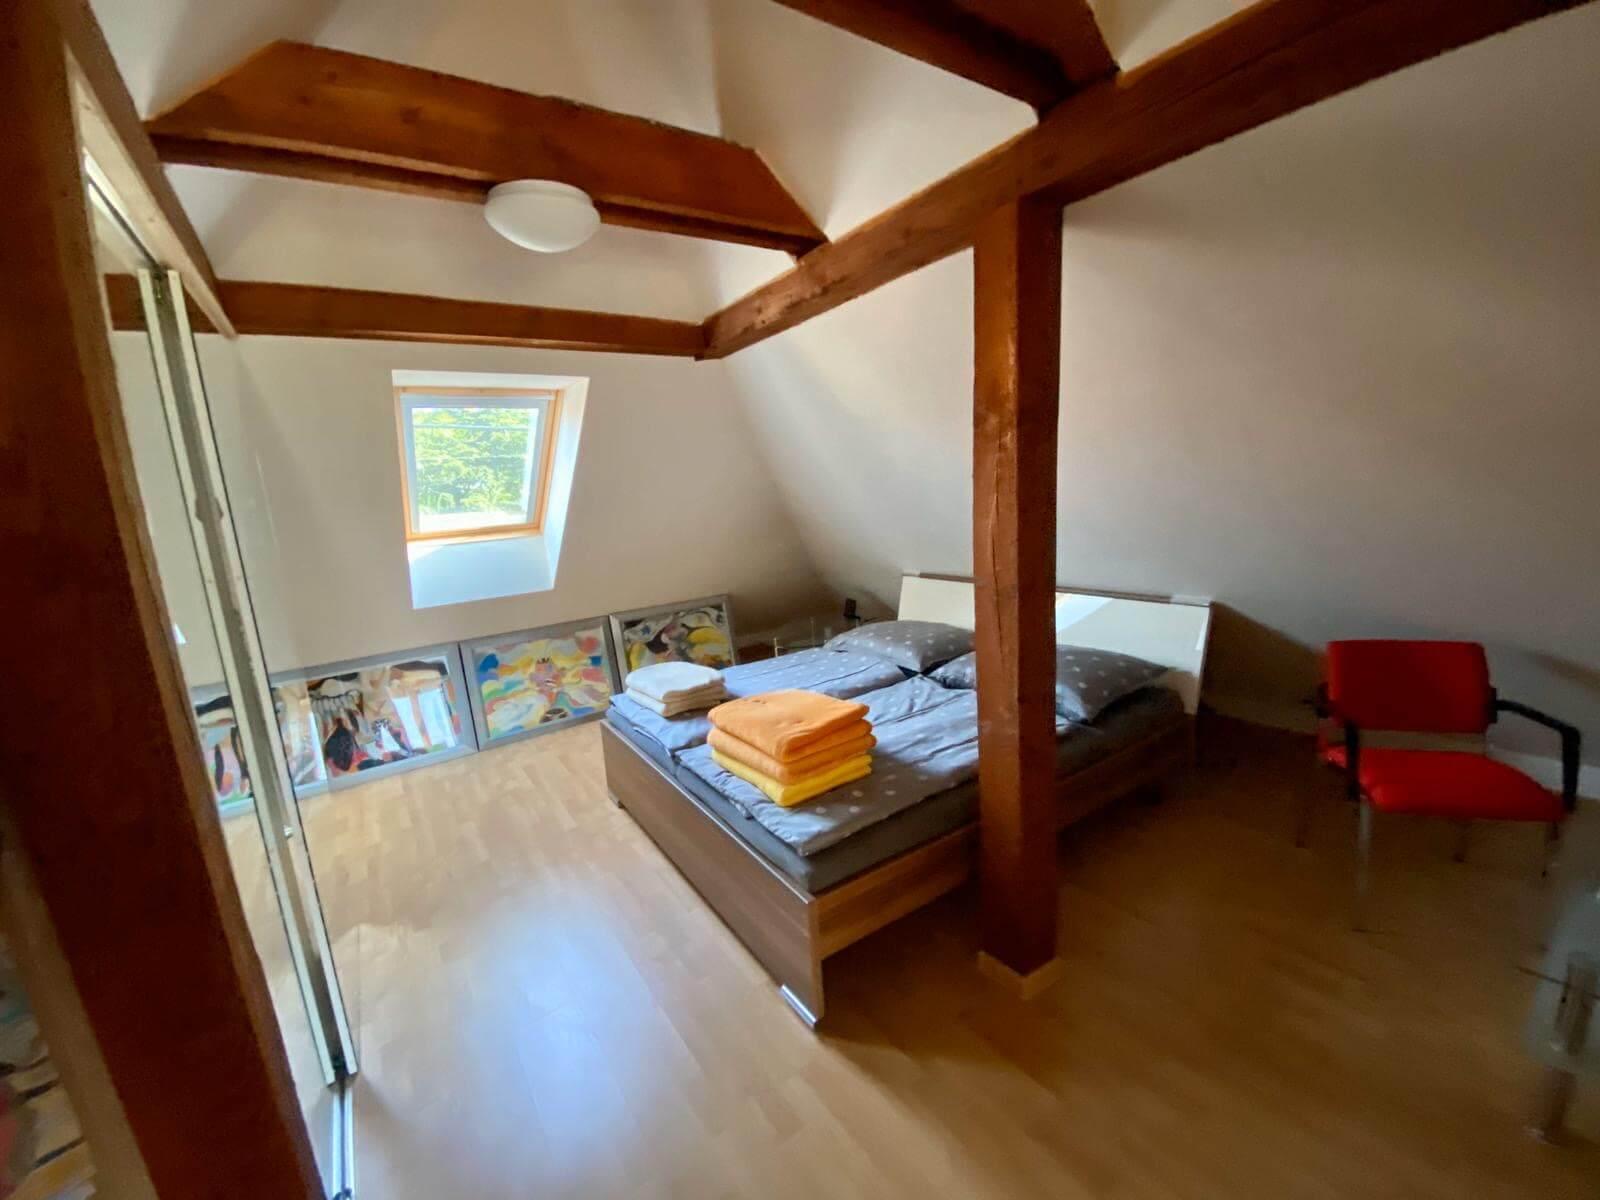 Predané: Predaj Rodinný dom v Šoporni, v tichej lokalite, pozemok 674m2, úžitková plocha 181m2,záhrada, kôlňa-22